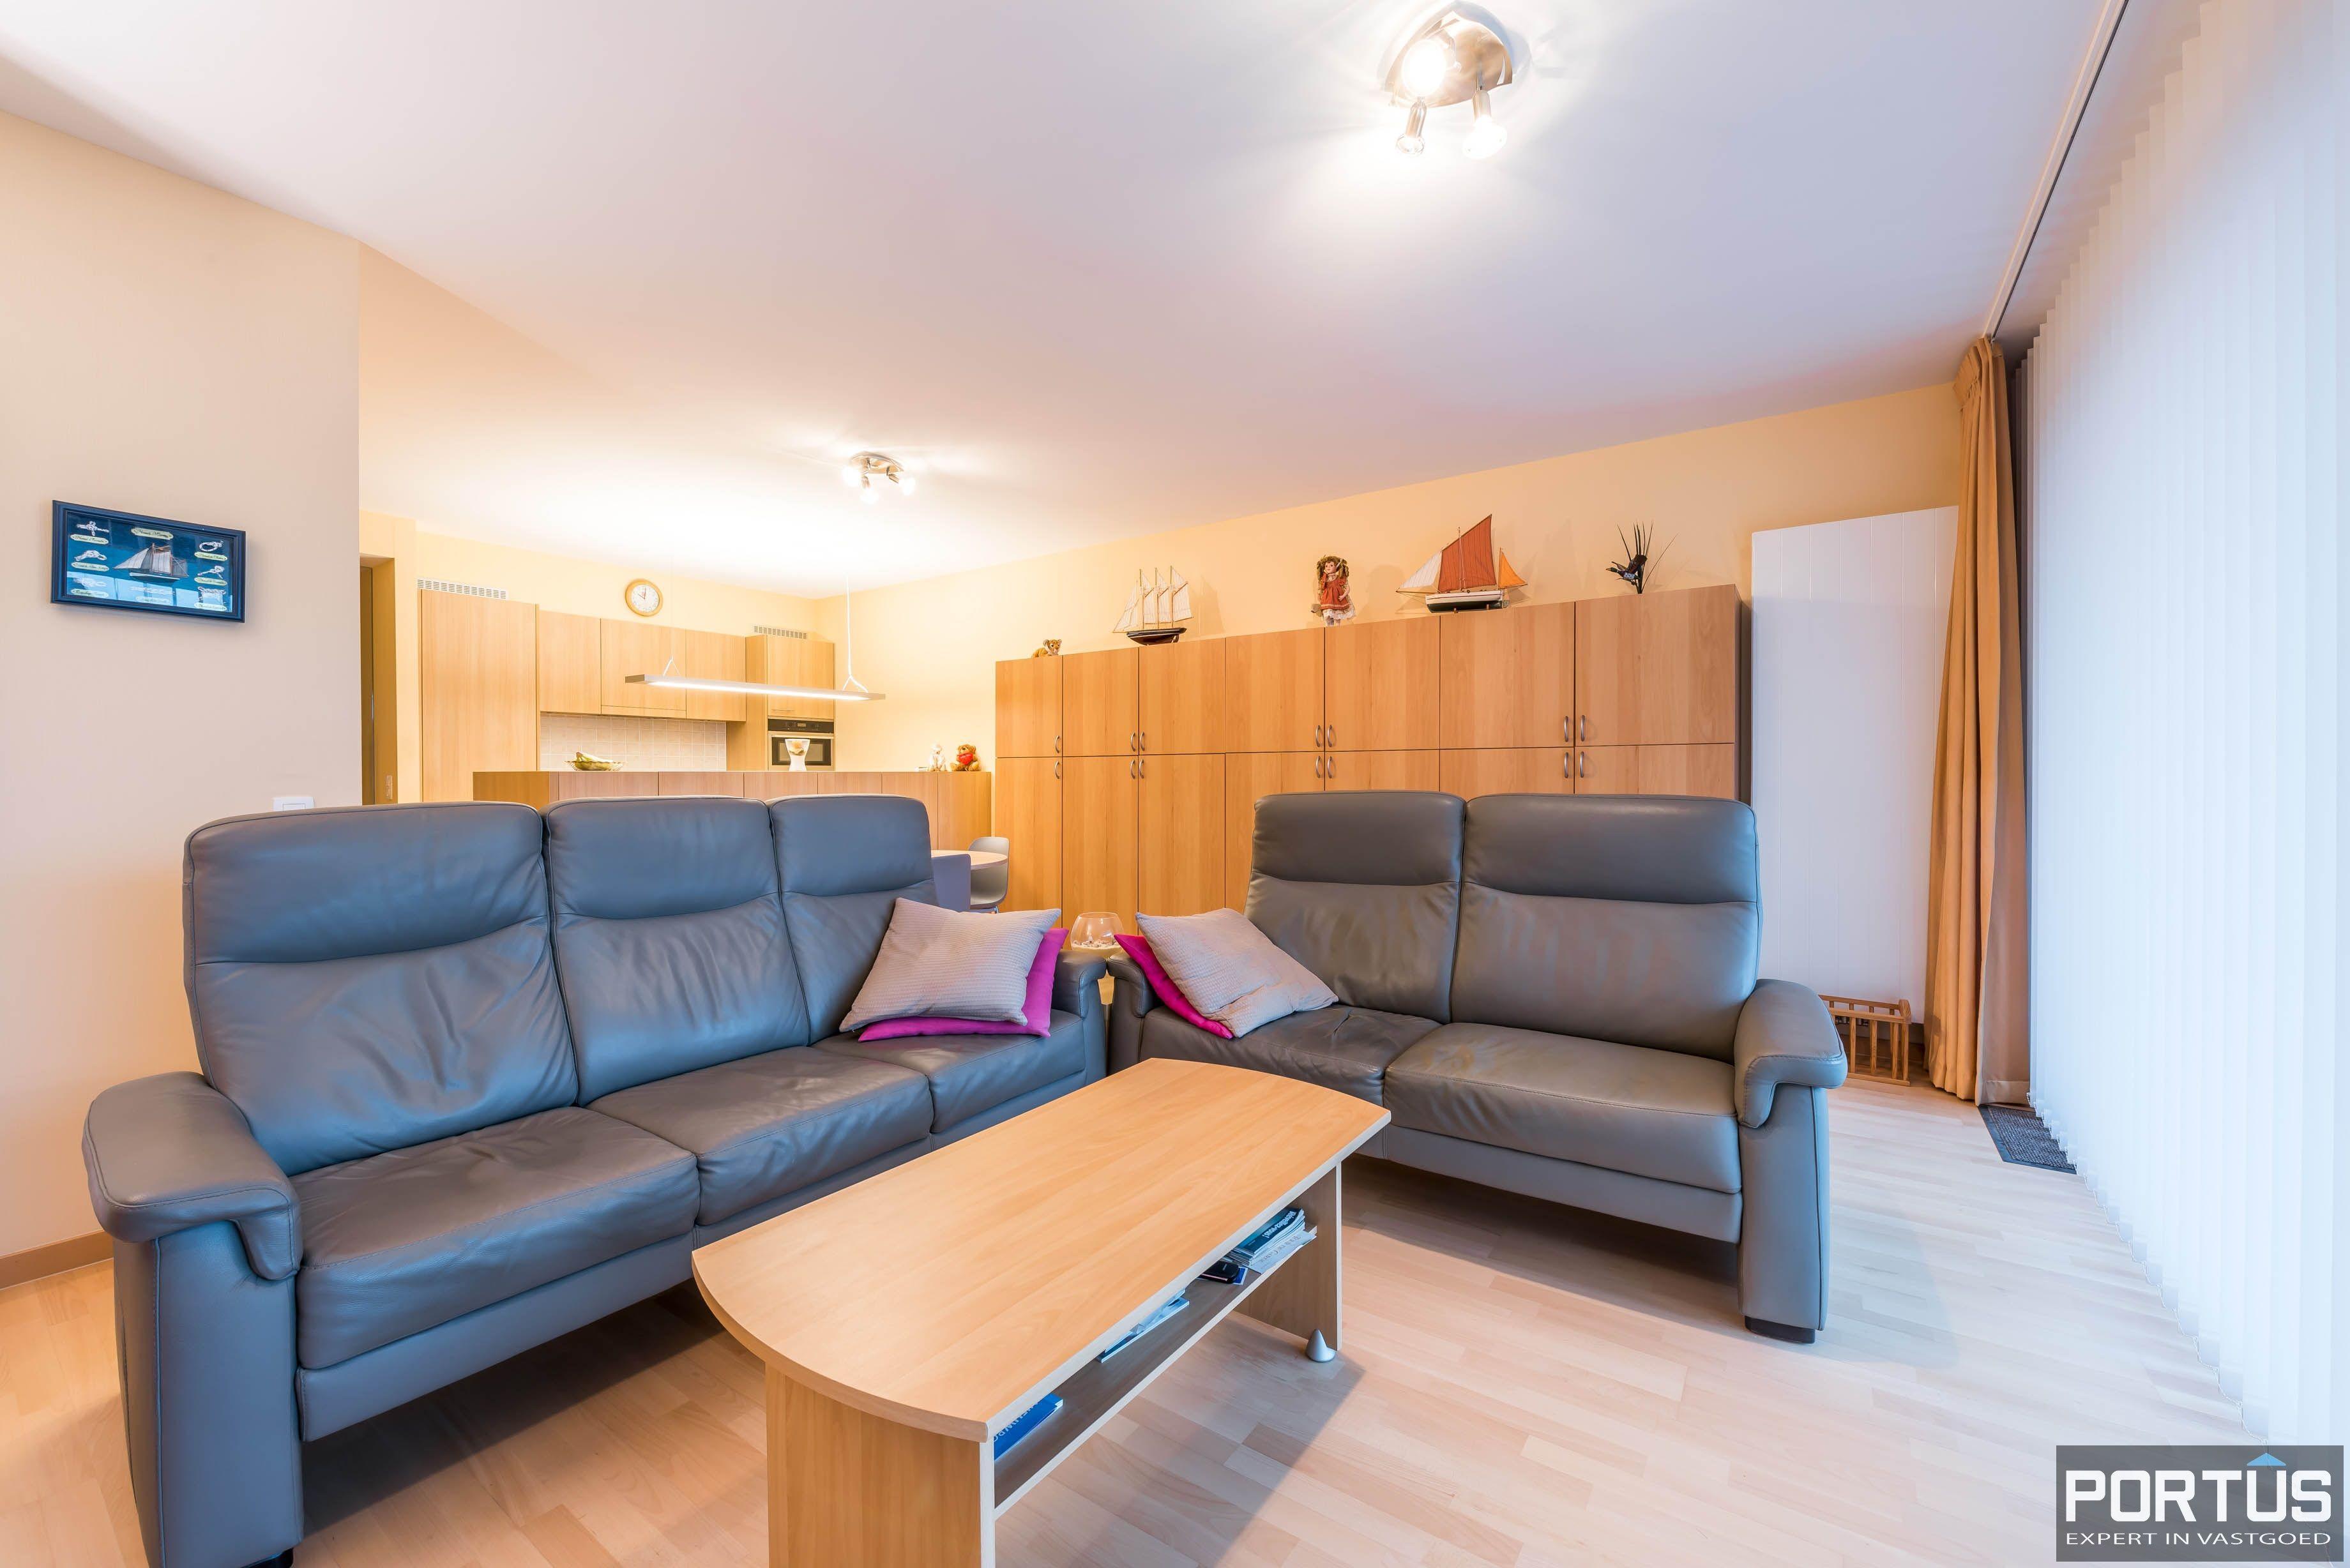 Appartement met 2 slaapkamers te koop Nieuwpoort - 5543